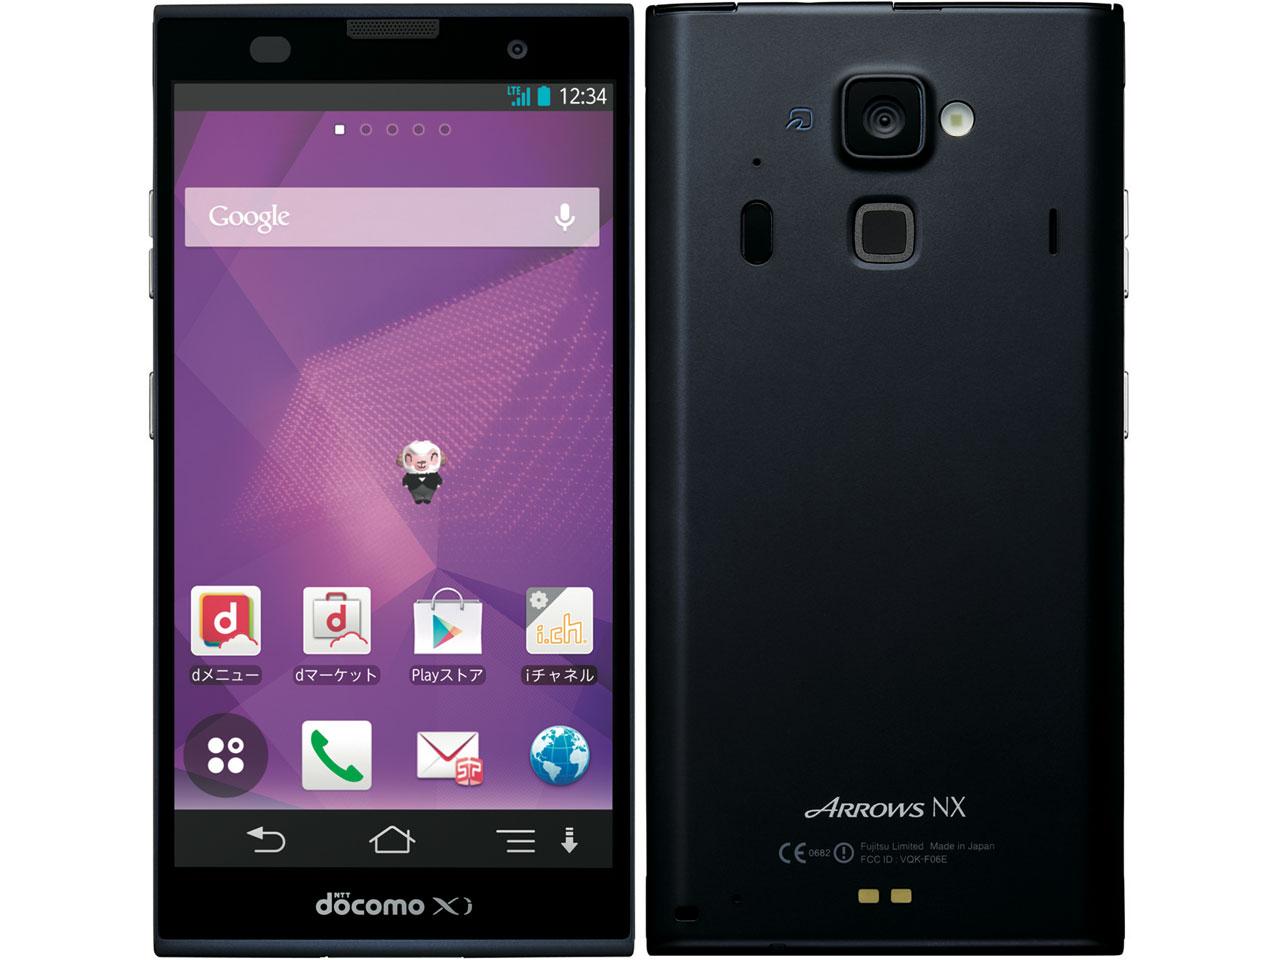 Fujitsu docomo Arrows NX F-06E, docomo Arrows NX F-06E, Arrows NX F-06E, NX F-06E, Fujitsu NX F-06E, Japanese latest smartphone, japanese phone 2013 (2)